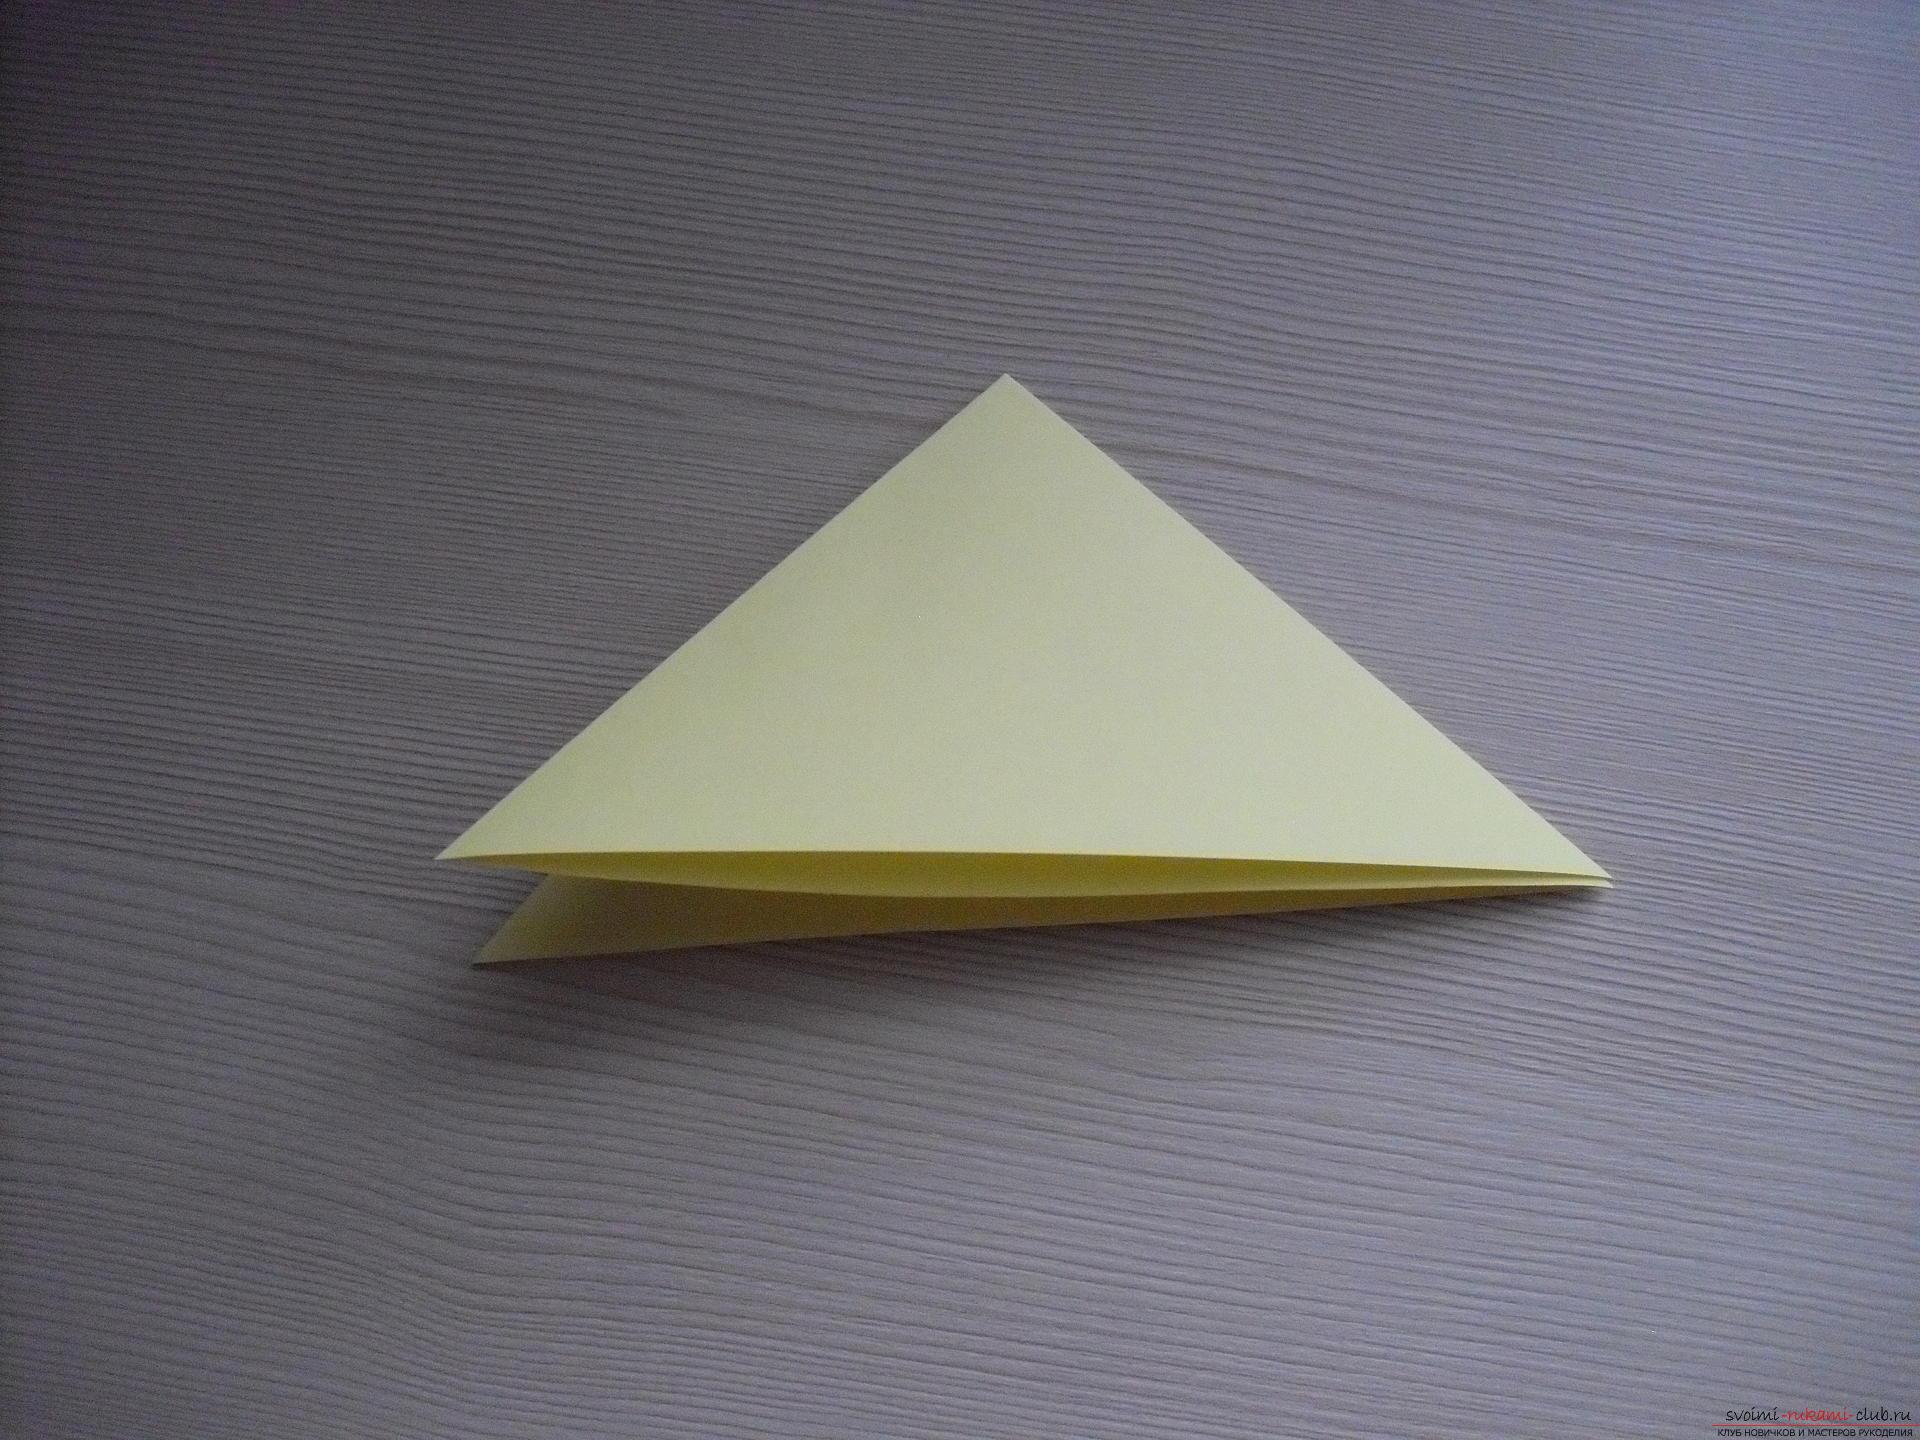 Этот пошаговый мастер-класс с инструкцией модульного оригами научит как сделать корзинку с лилиями.. Фото №23